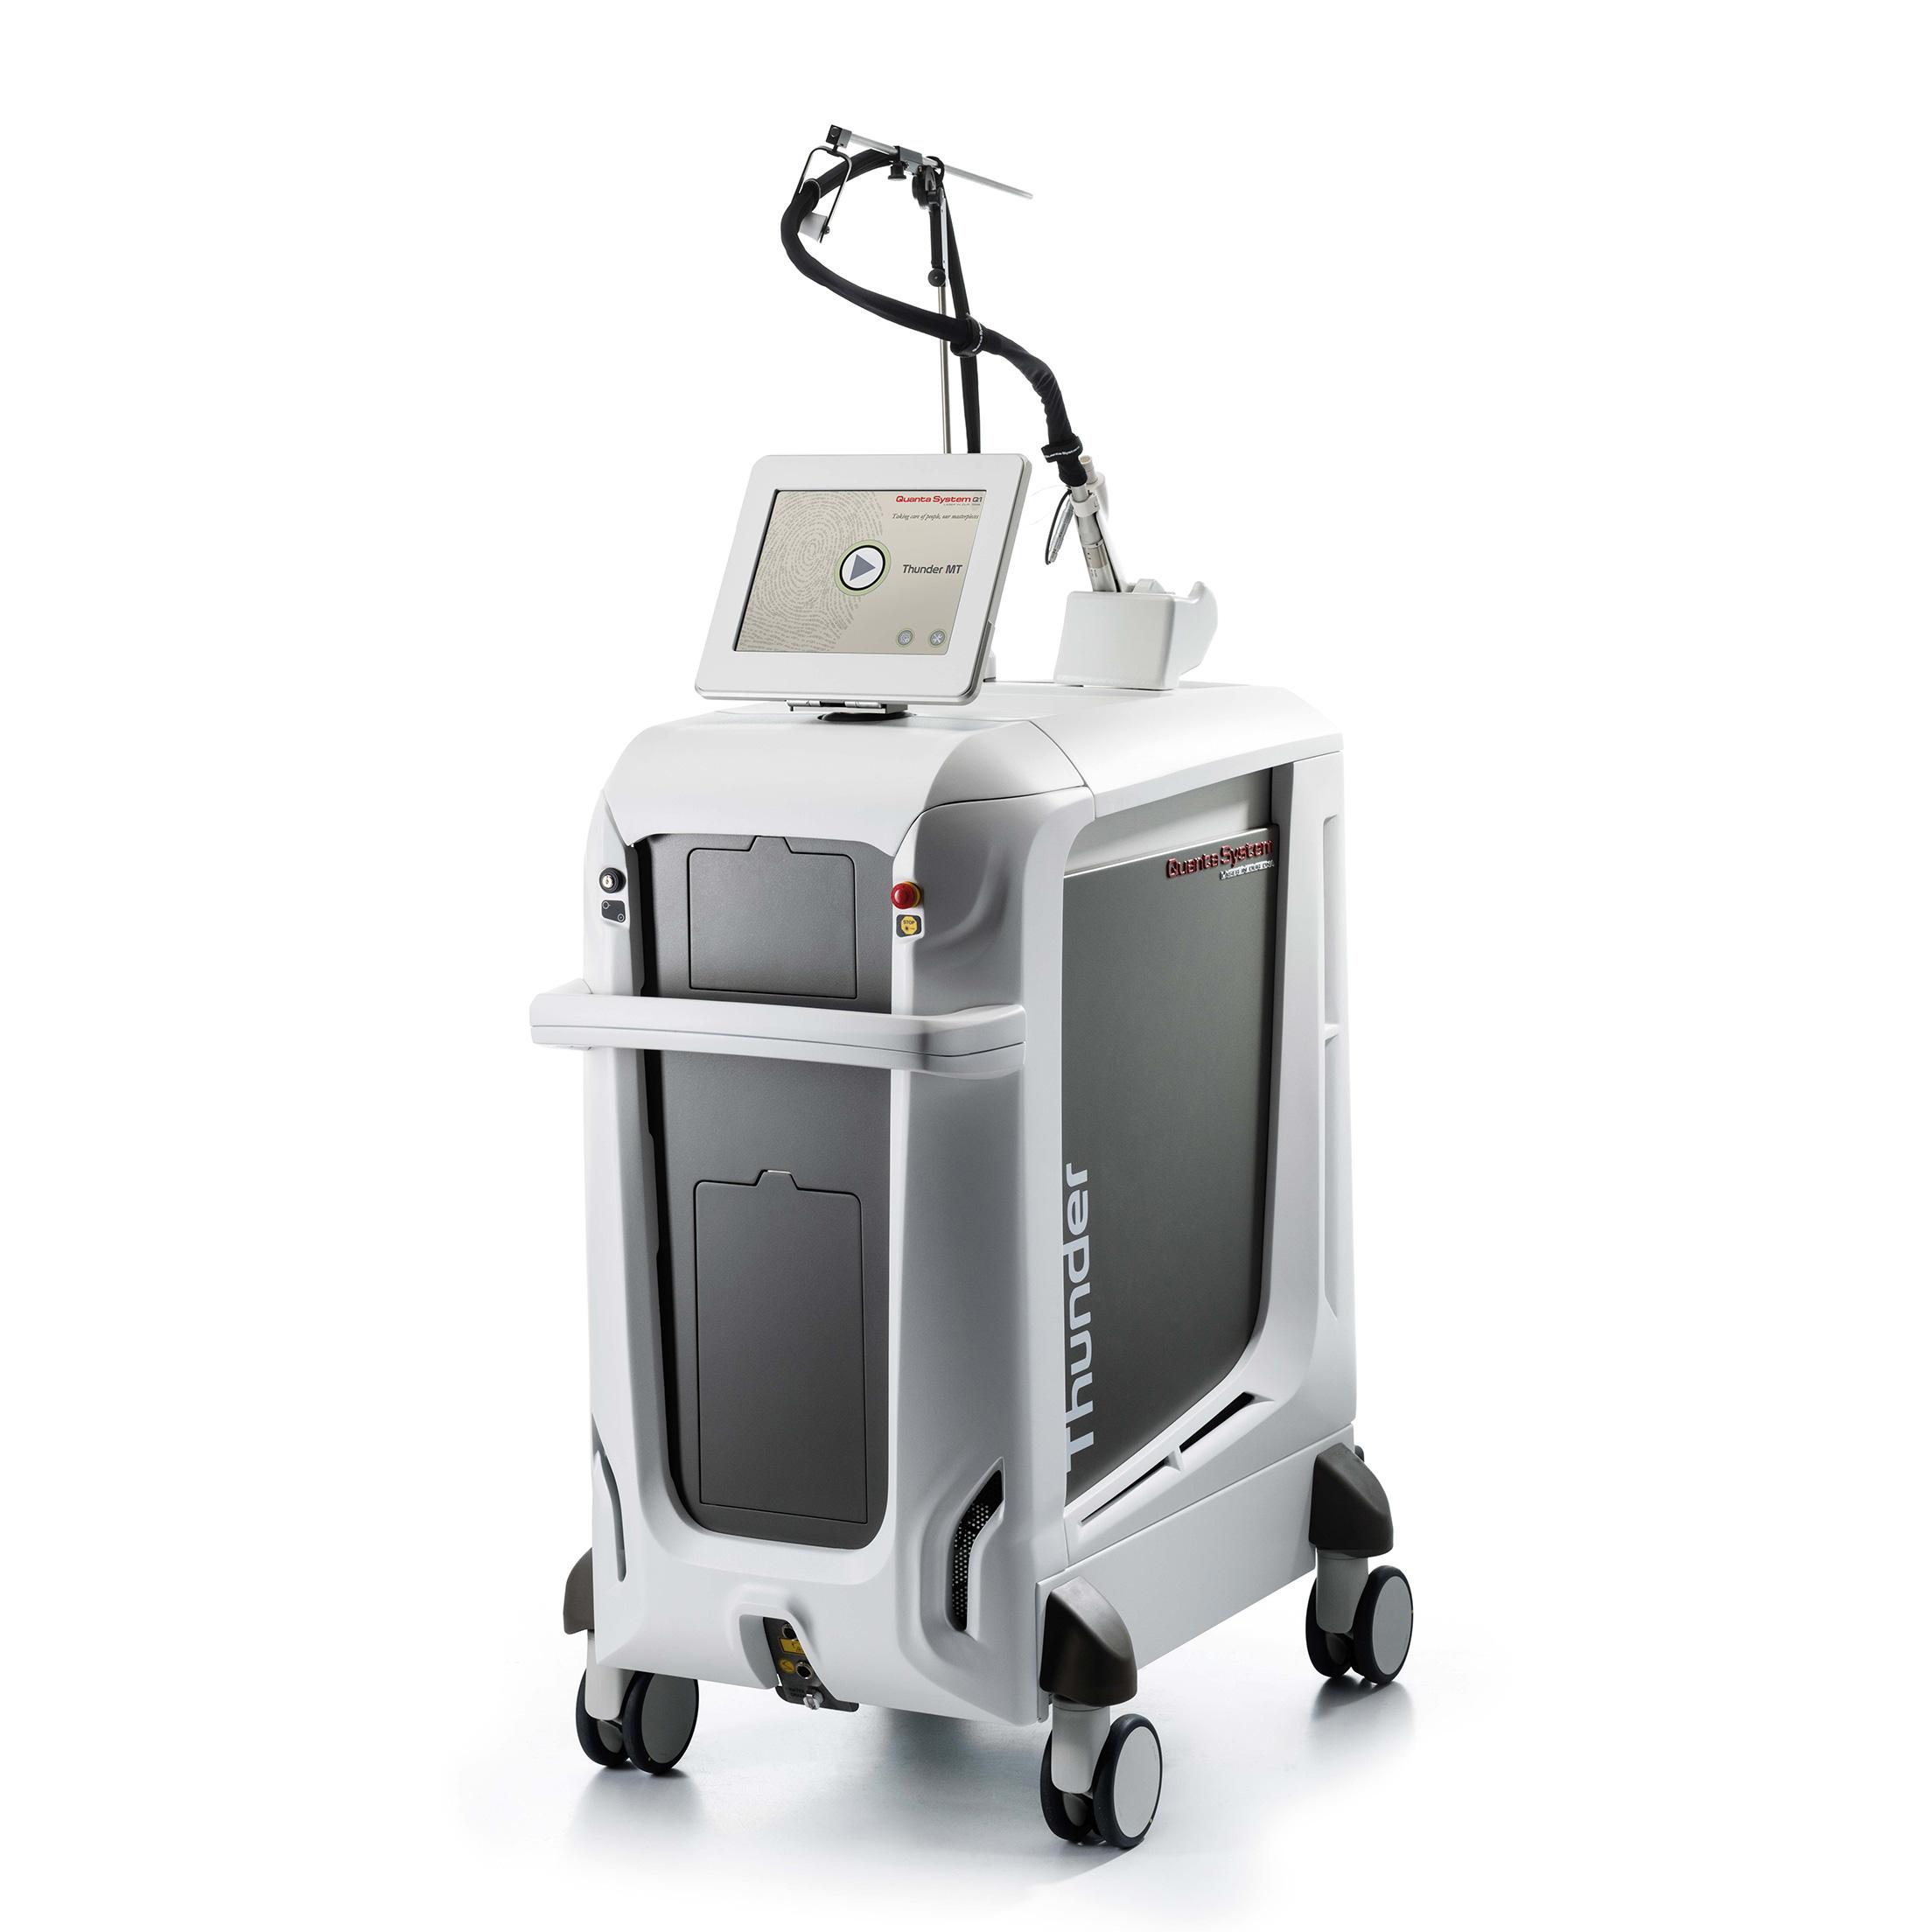 Professionale laser depilazione macchine migliori